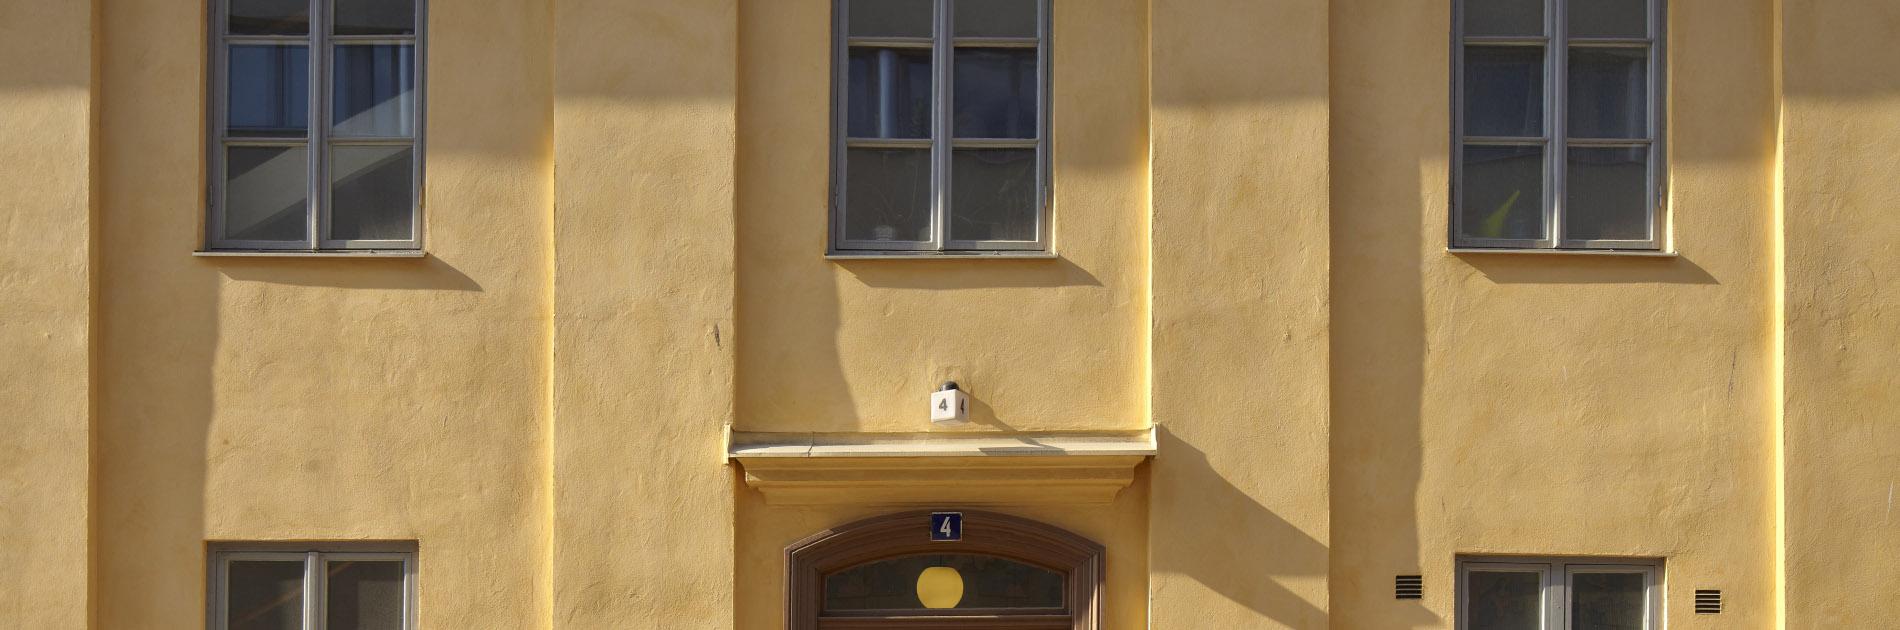 Utsidan av den gula stenbyggnaden på Postgatan 4.